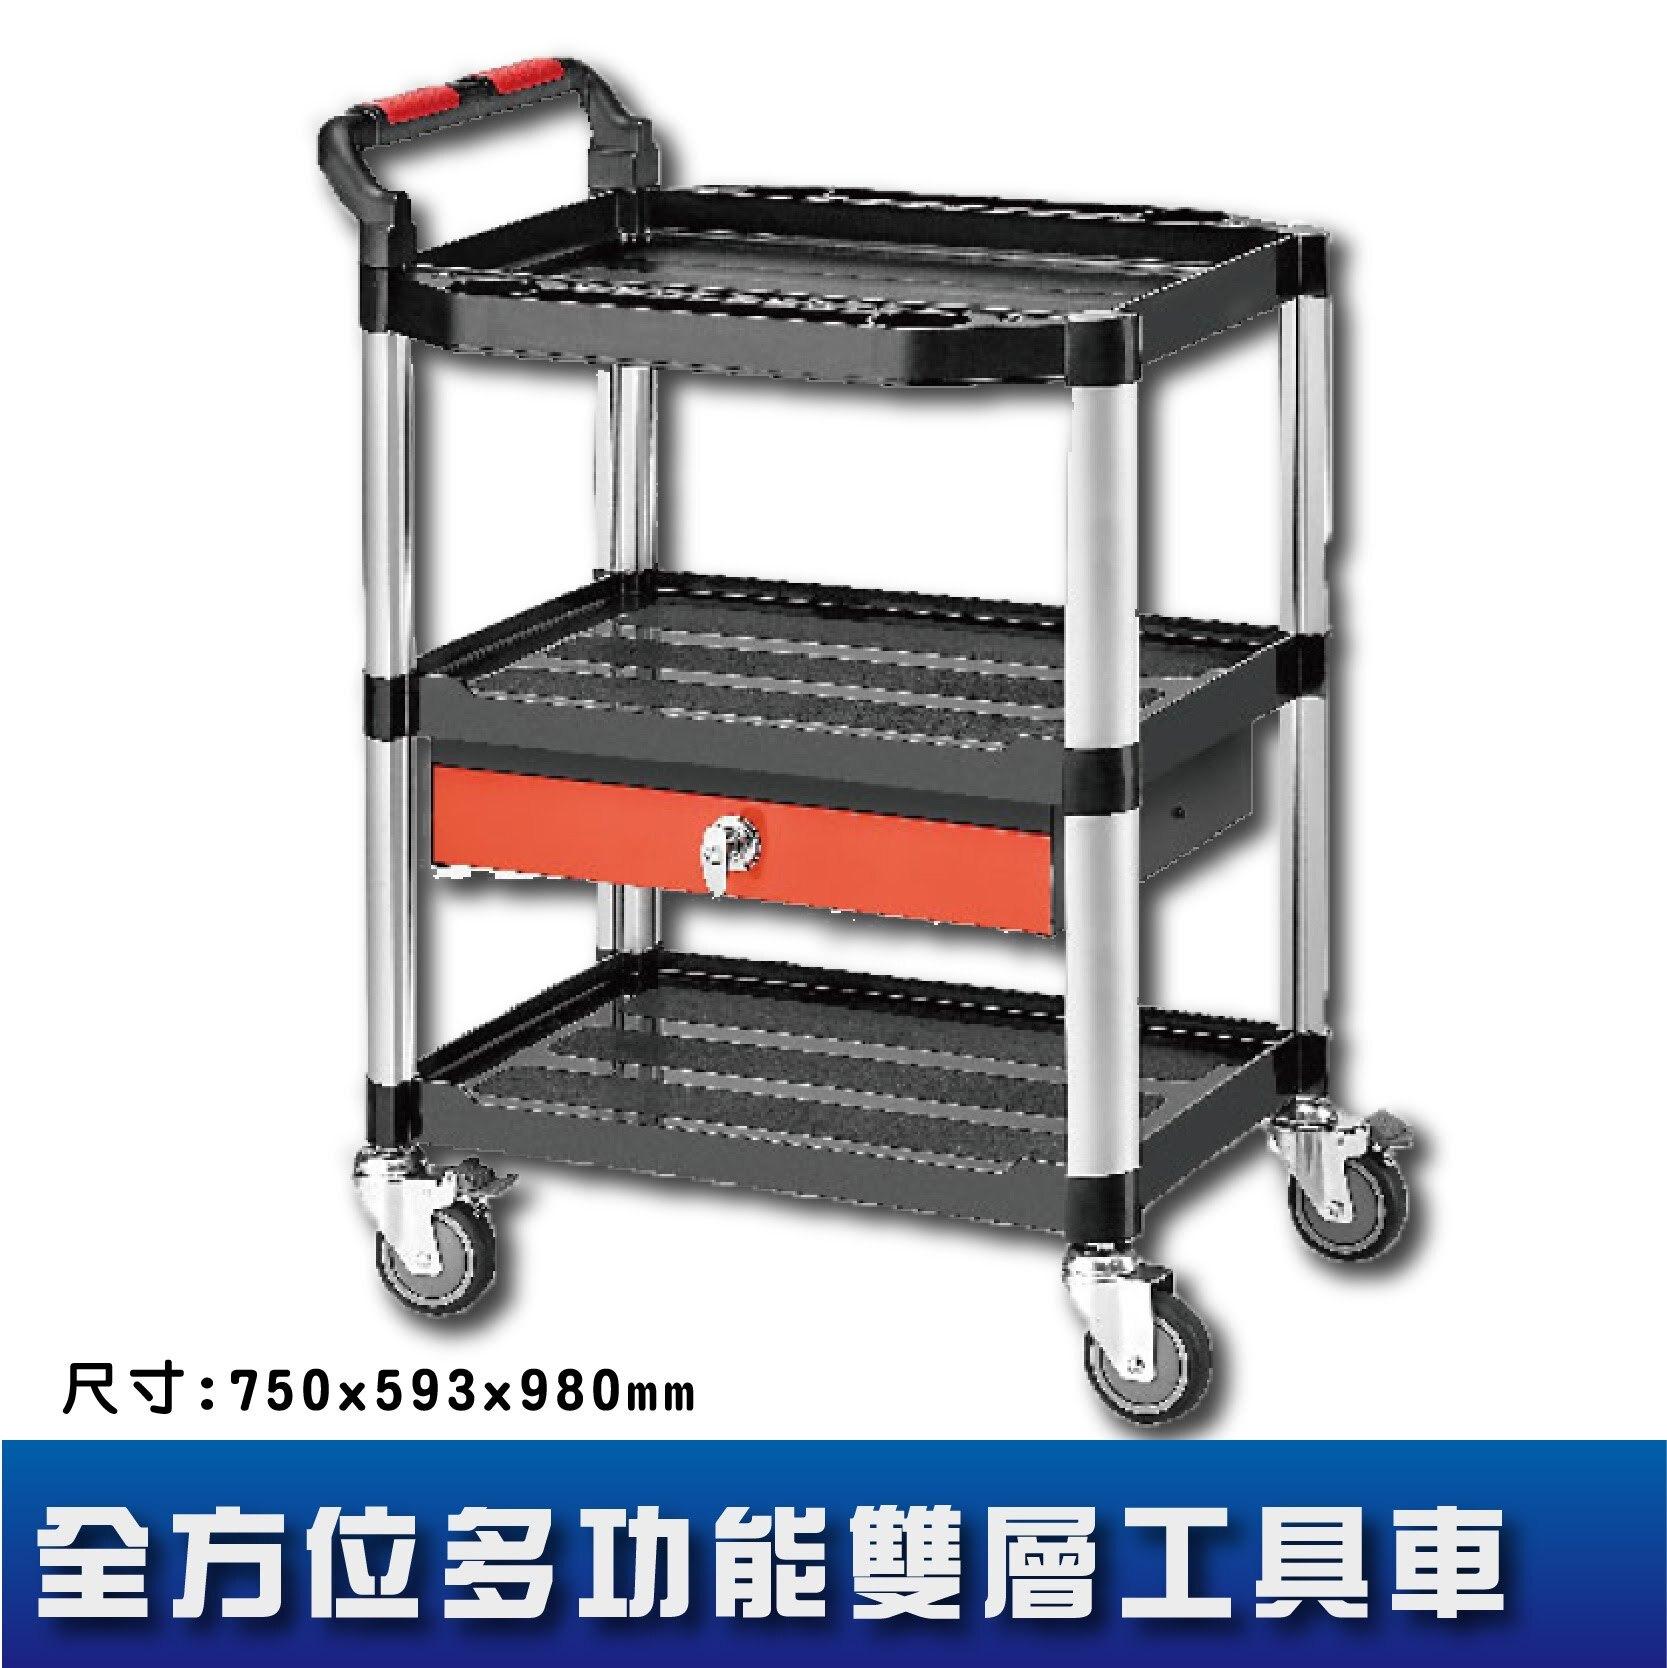 多種選擇〞KT808FB2 全方位多功能三層工具車 手推車 工作車 置物車 分層車 餐車 清潔車 房務車 服務車